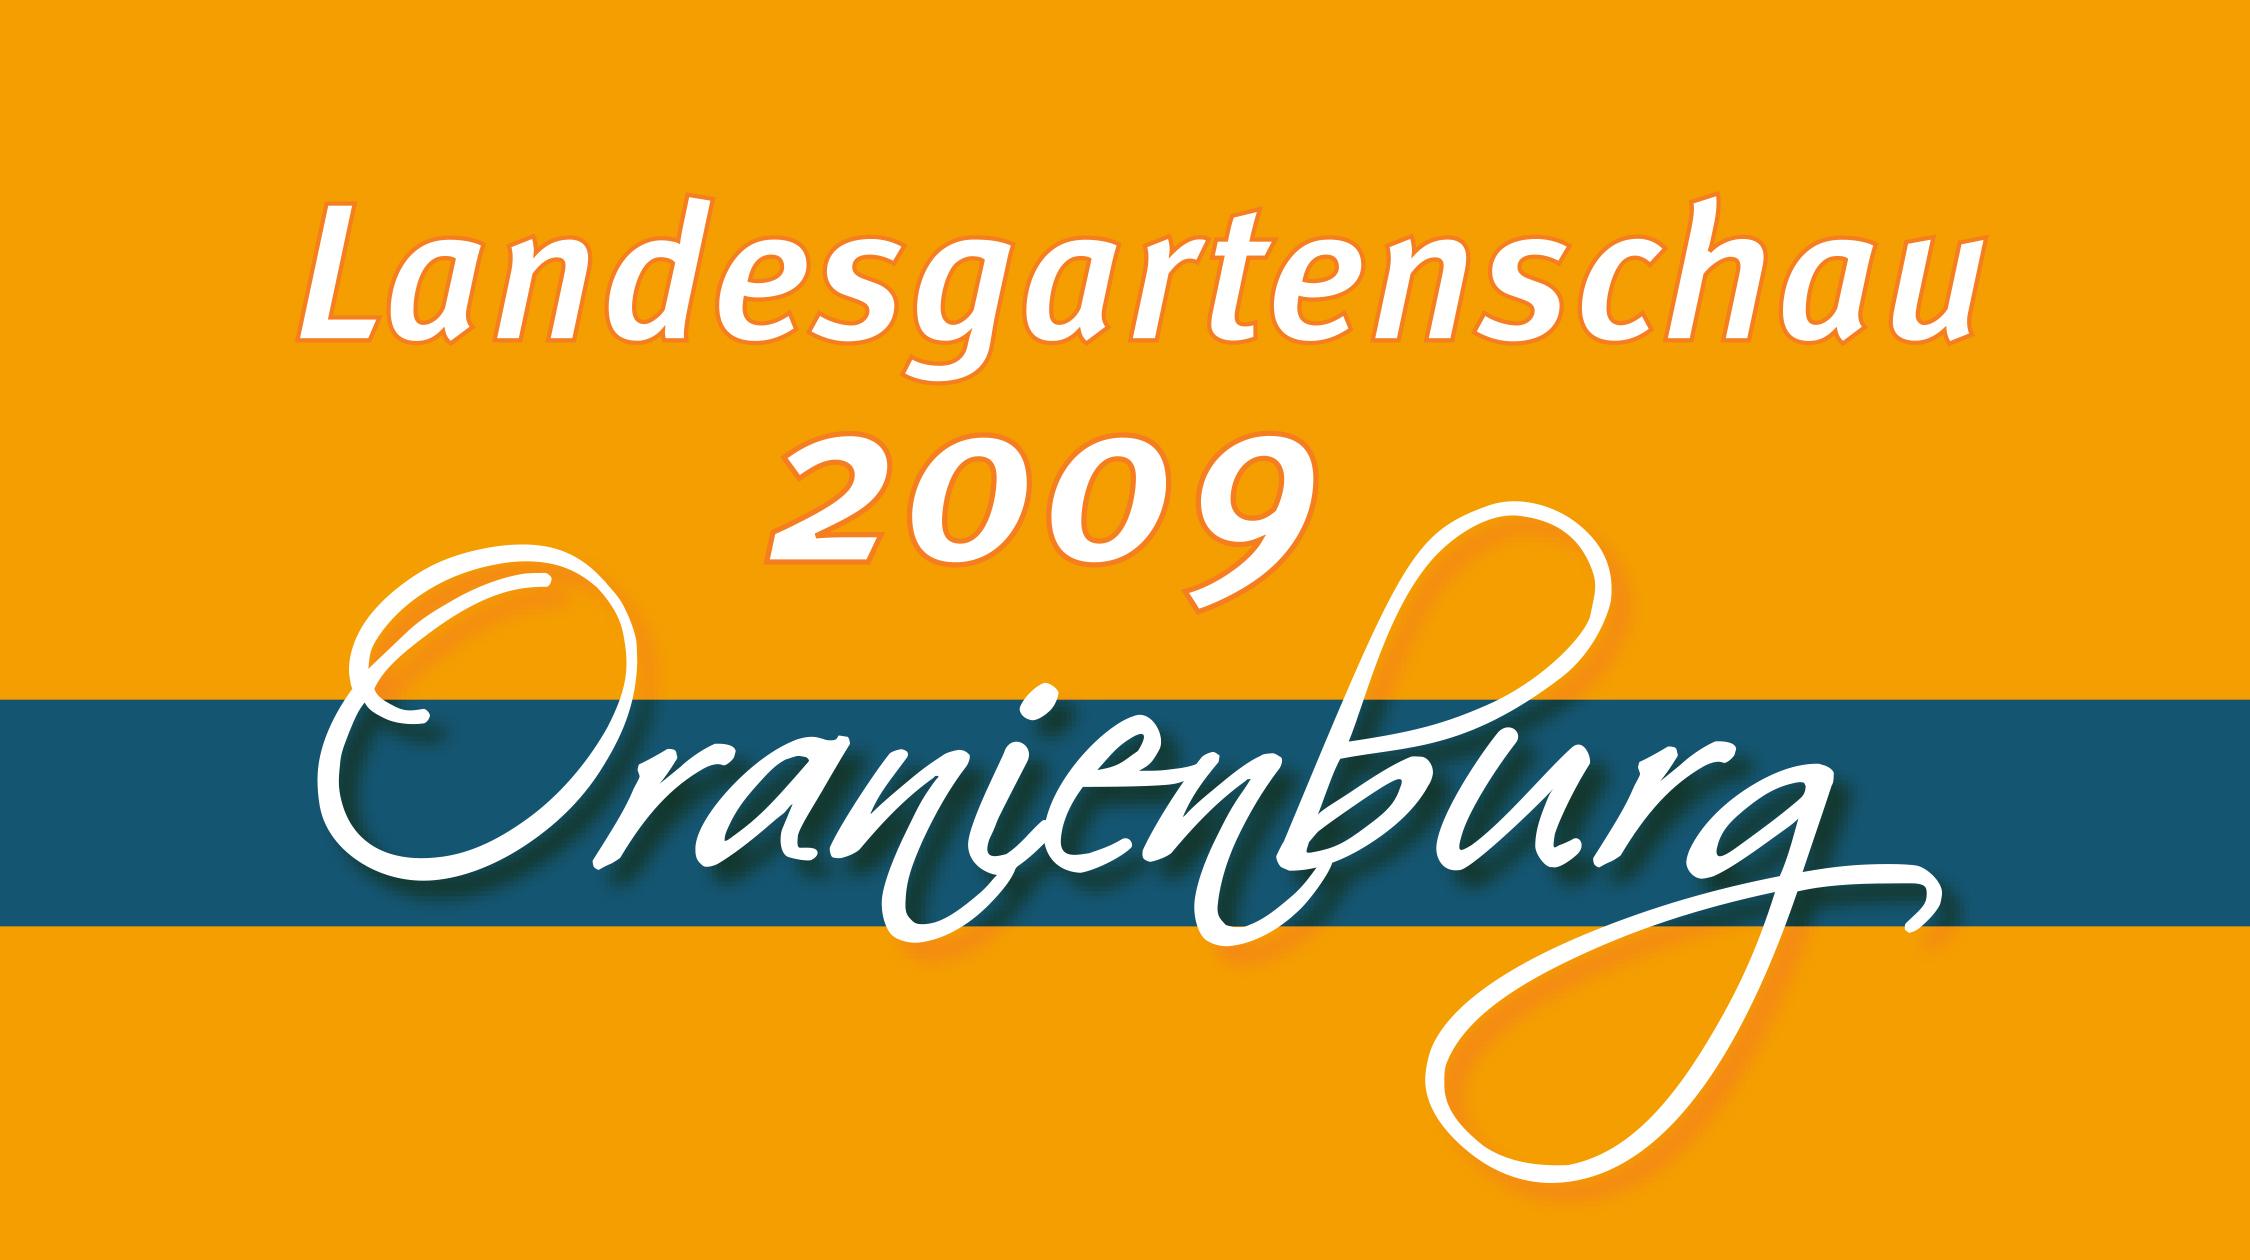 LAGA Oranienburg